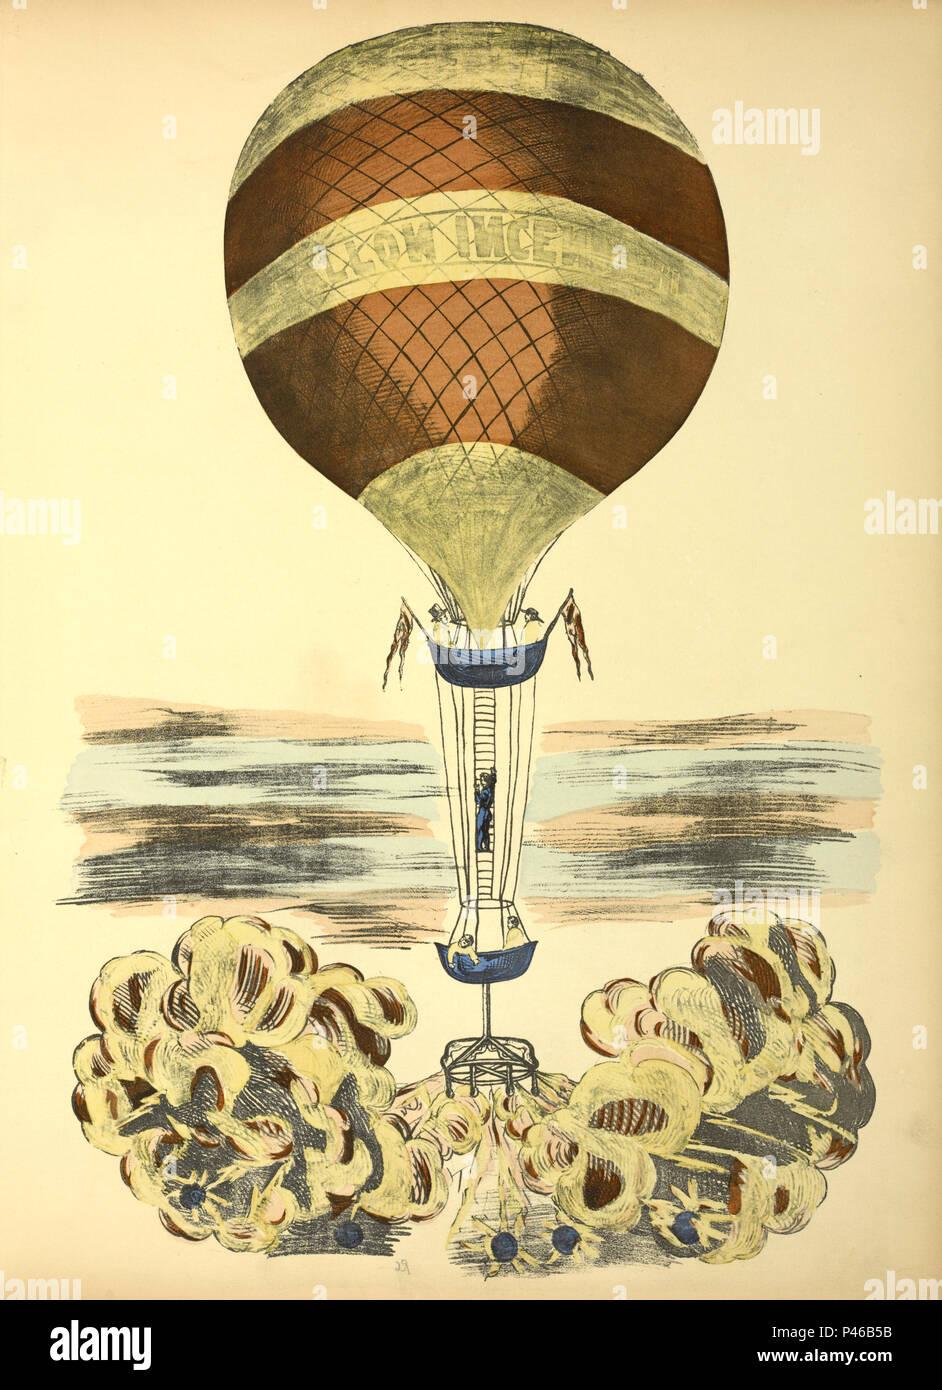 Storico volo a palloncino Immagini Stock